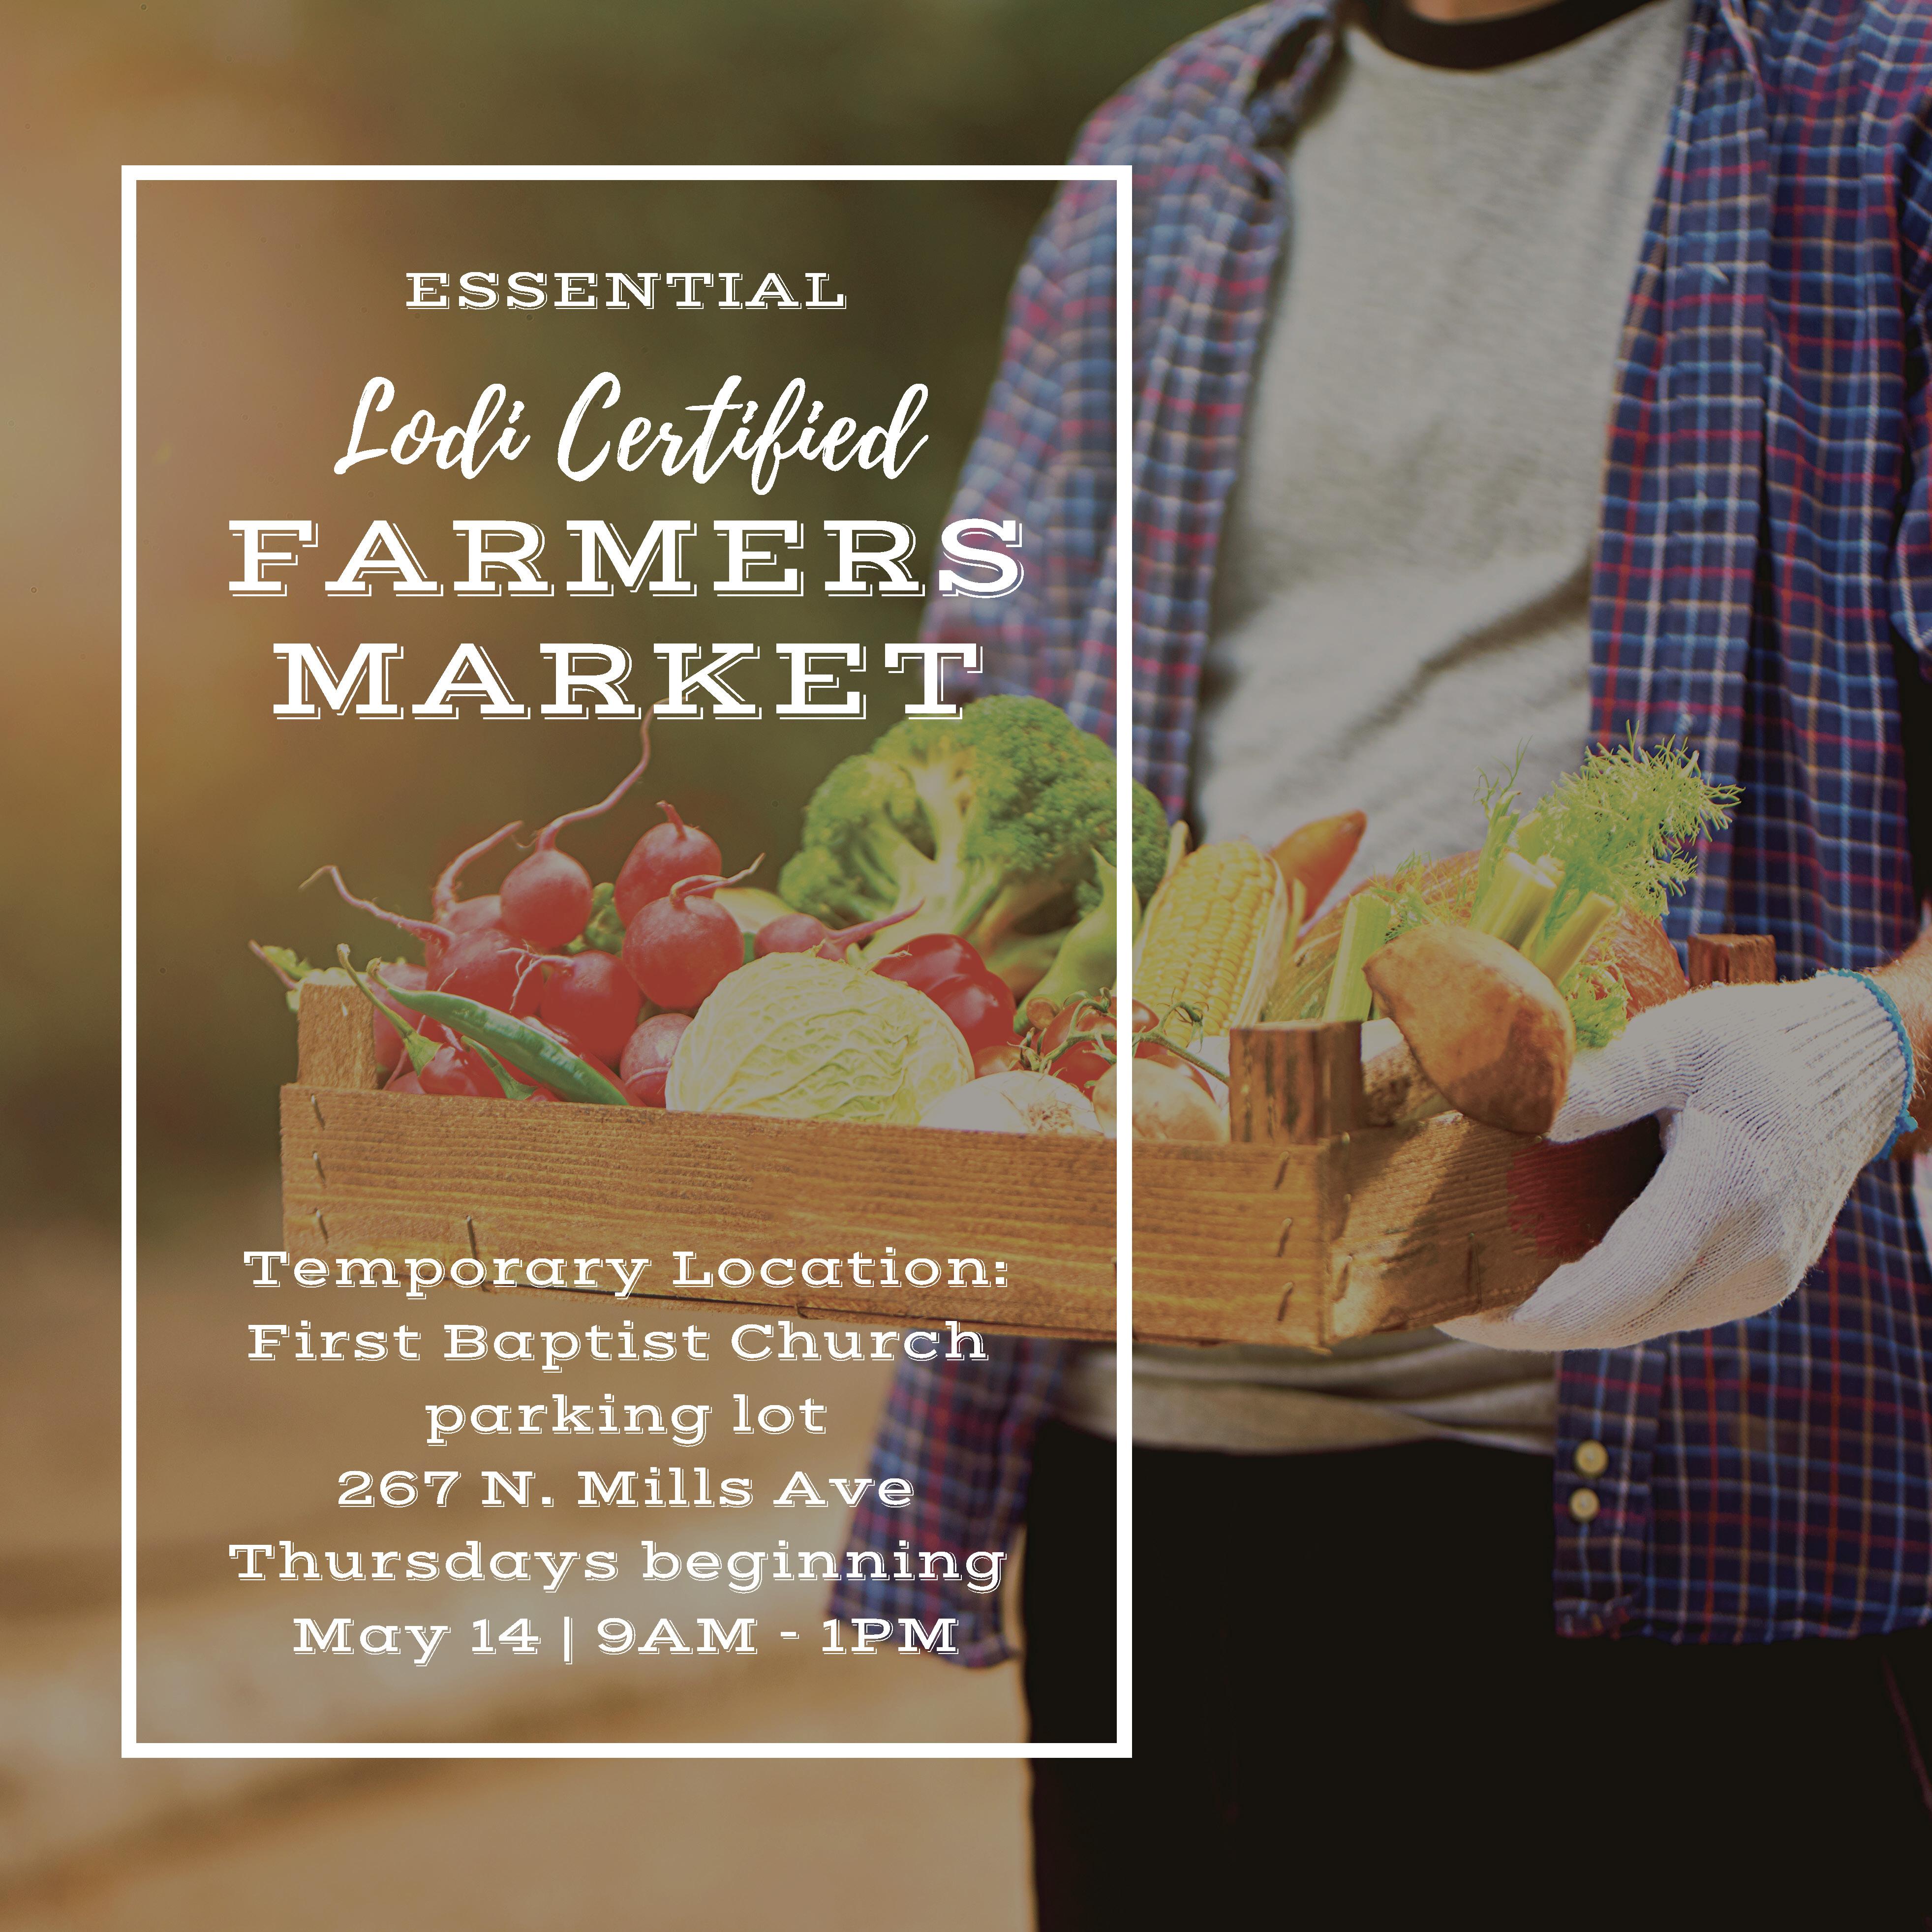 Essential Lodi Certified Farmers Market